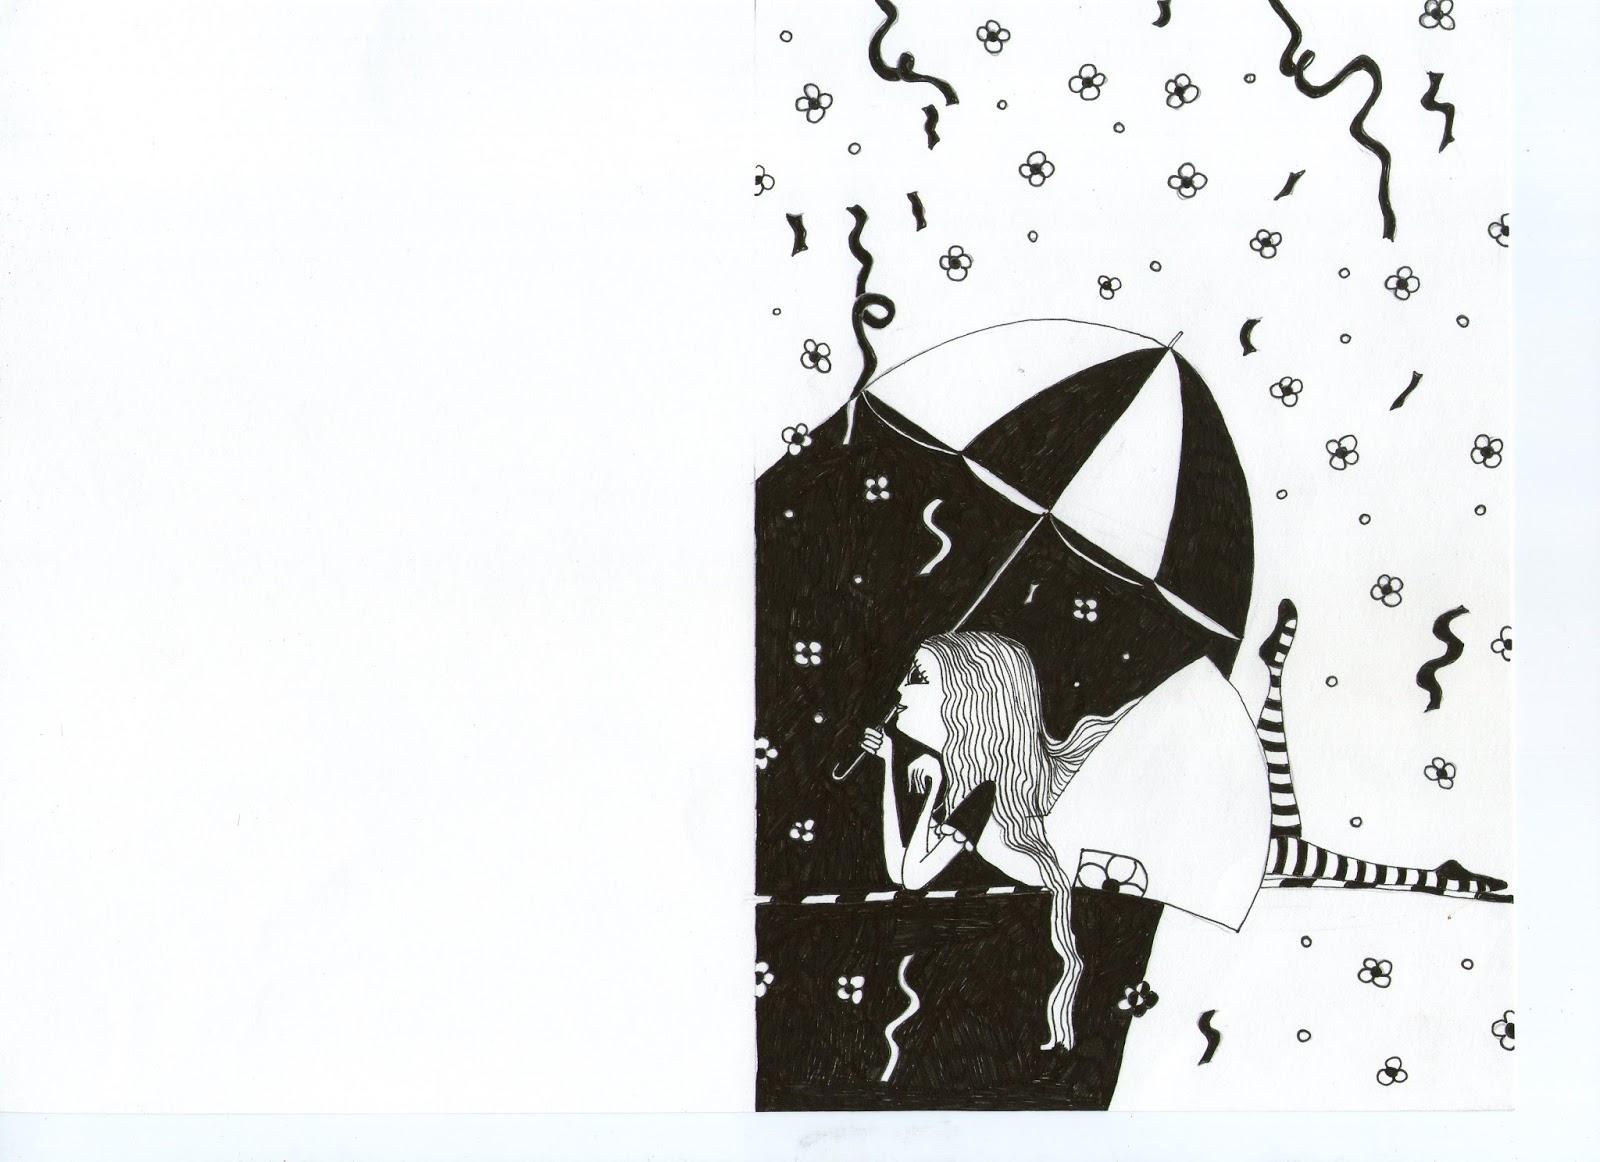 María Paula Ratti Ilustraciones: Blanco y negro